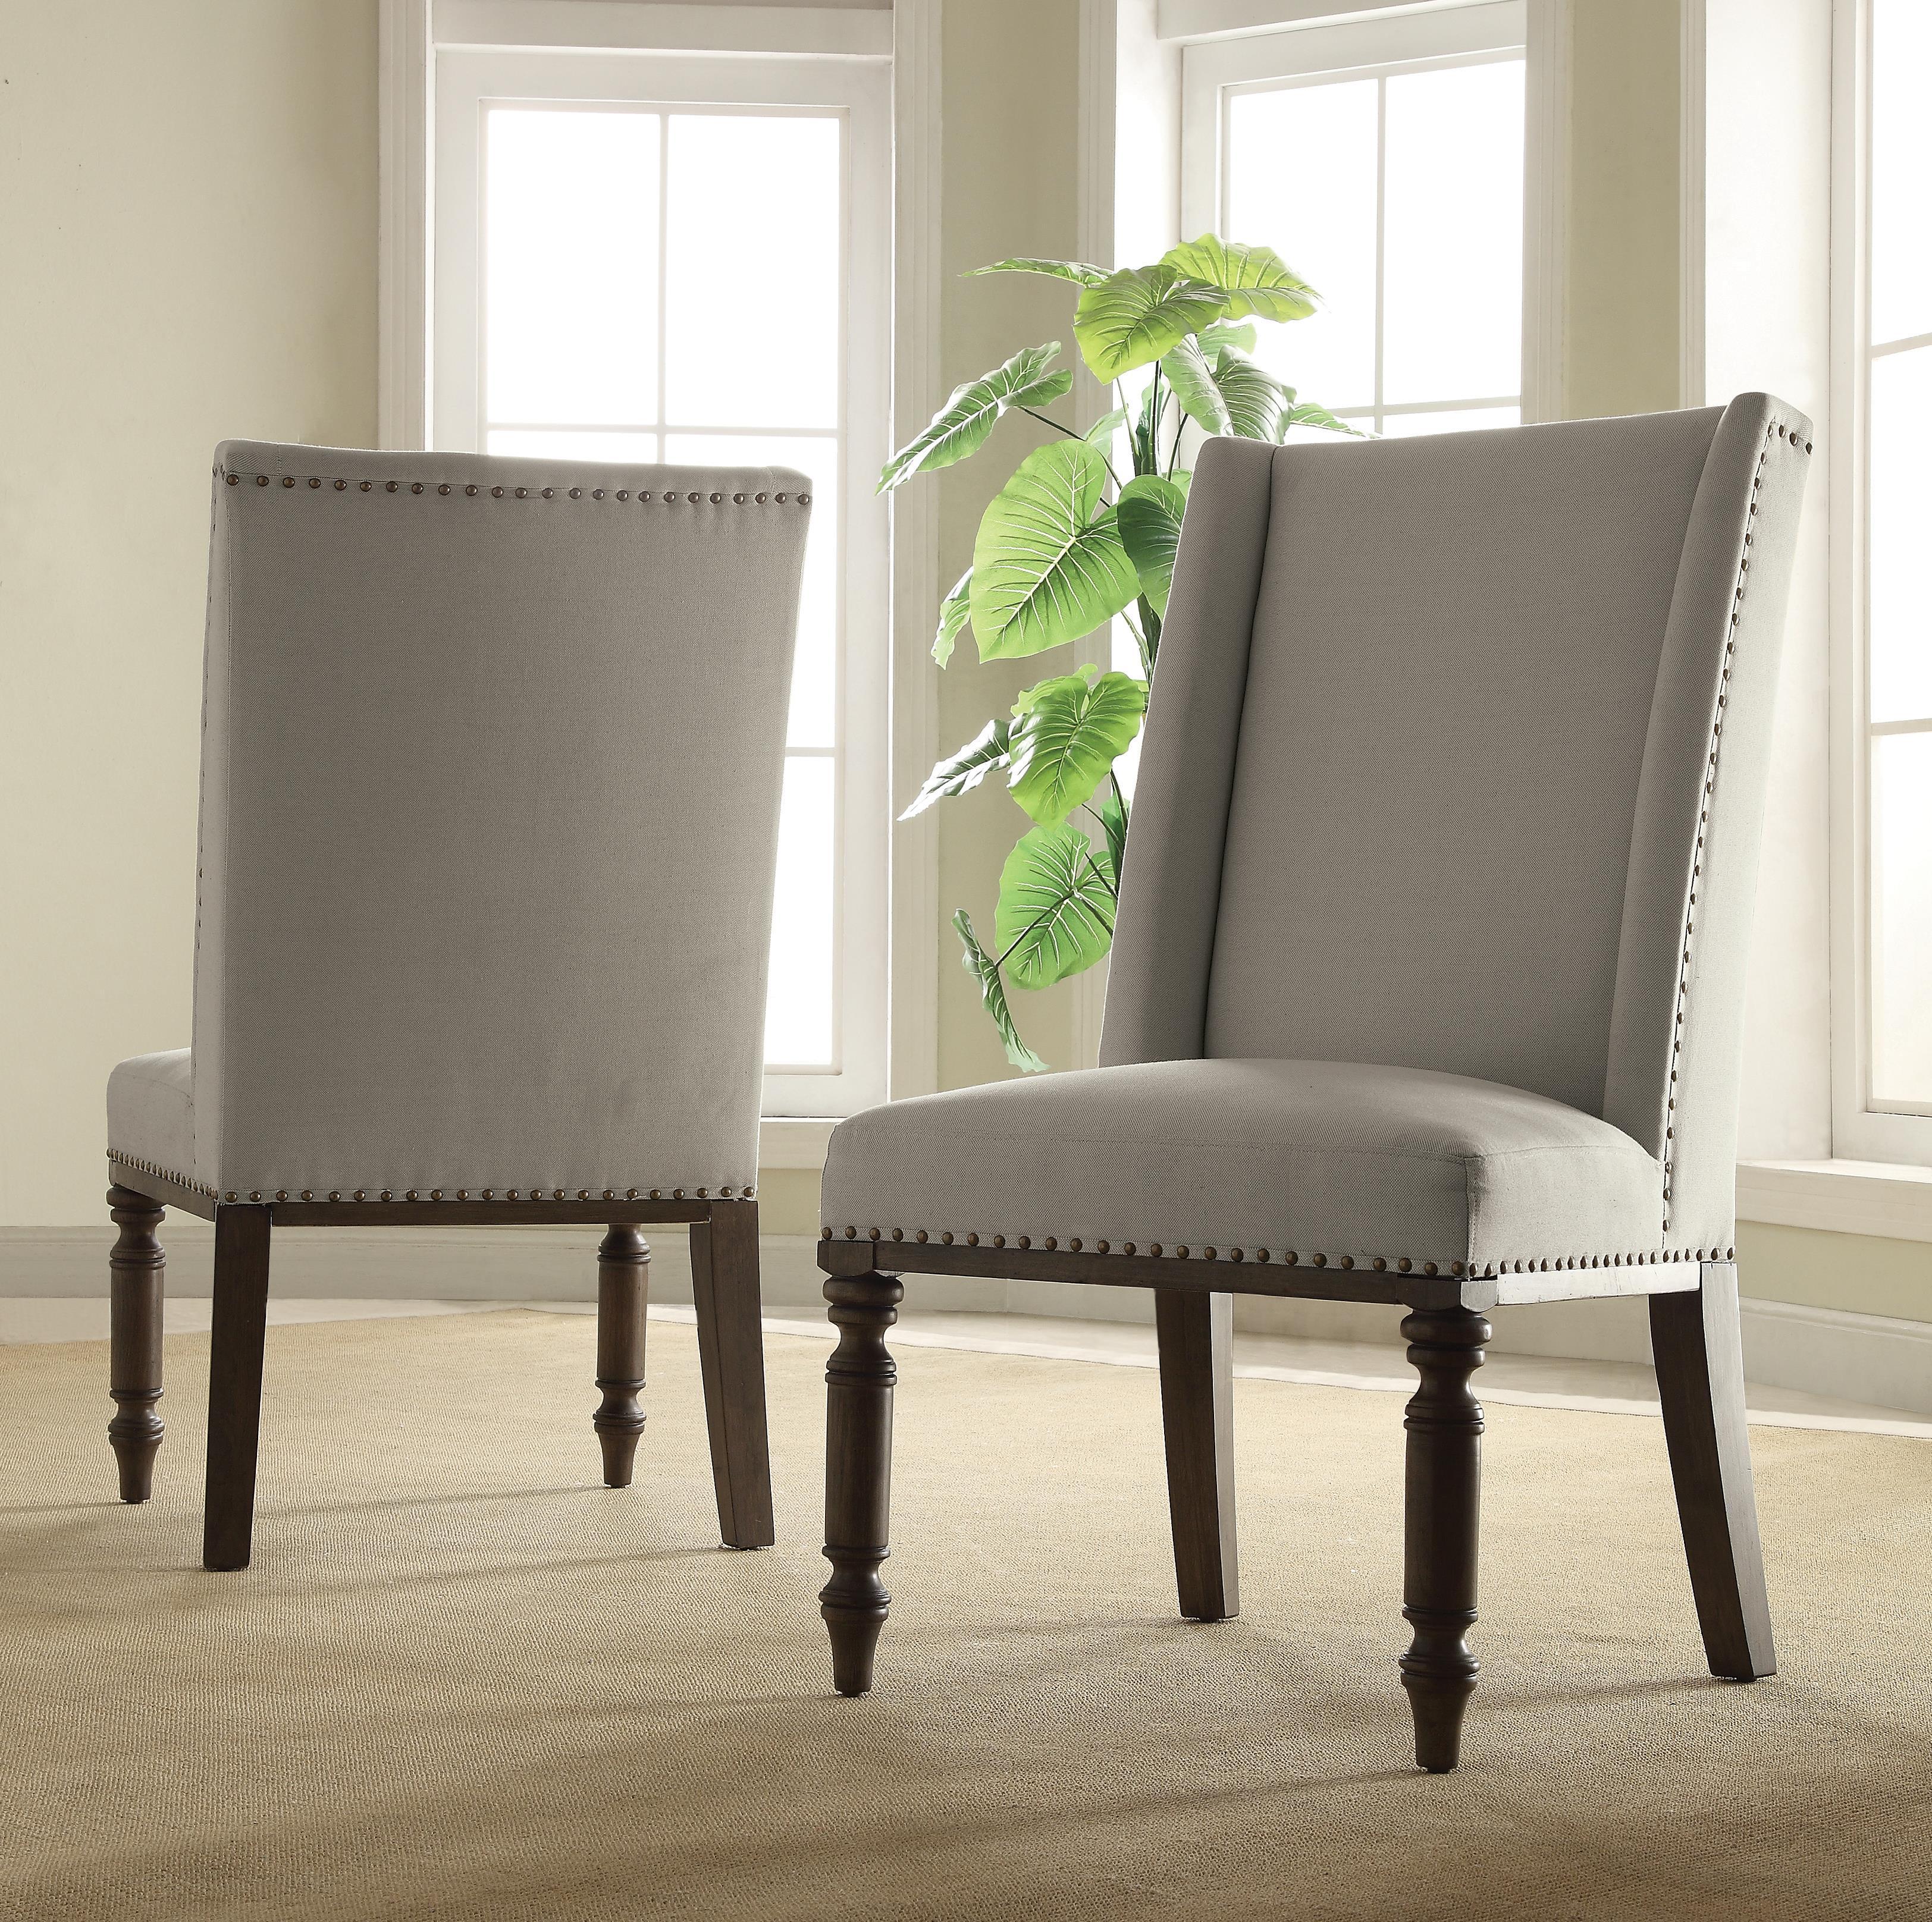 Hostess Chair W/ Nailhead Trim